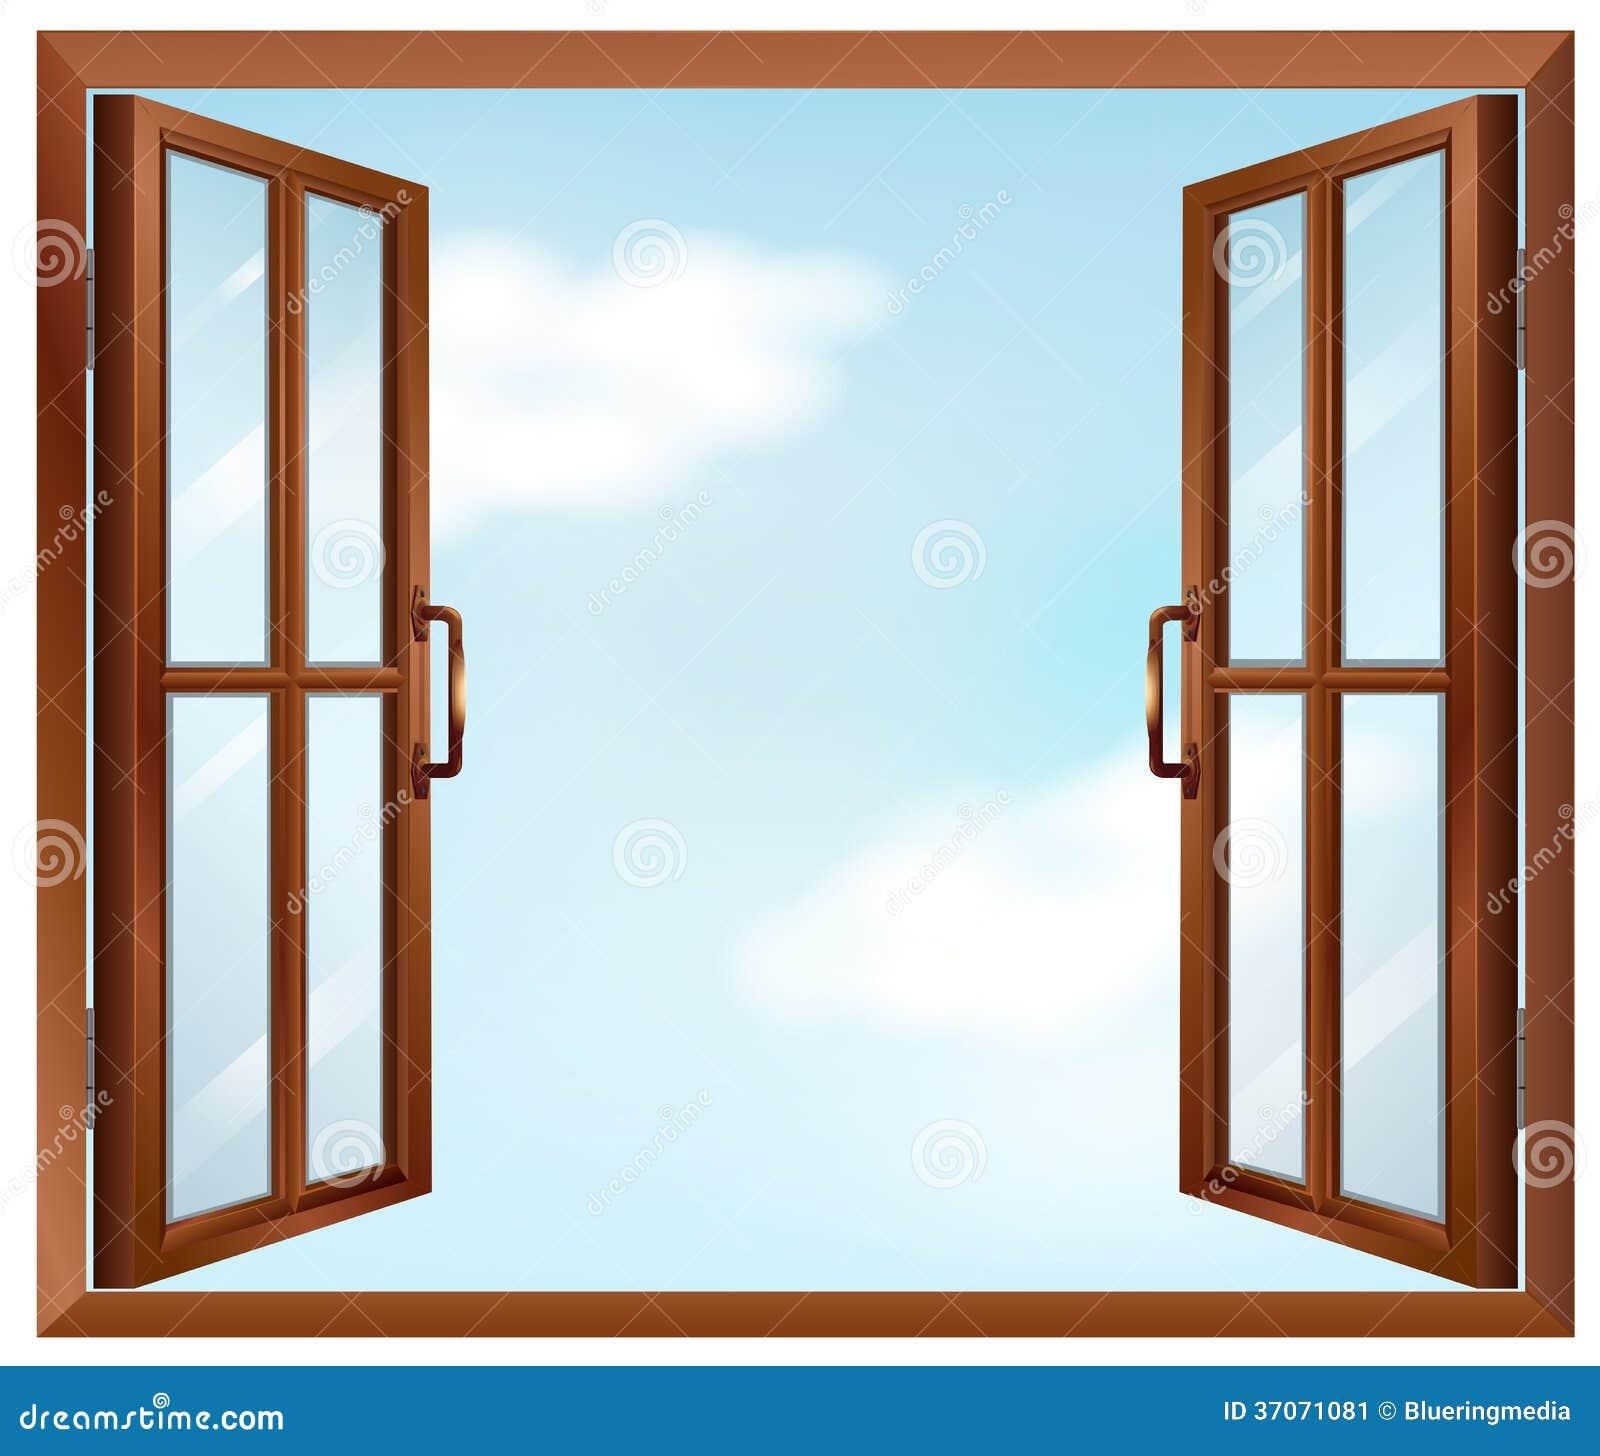 Une fen tre de maison image stock image 37071081 for Fenetre maison